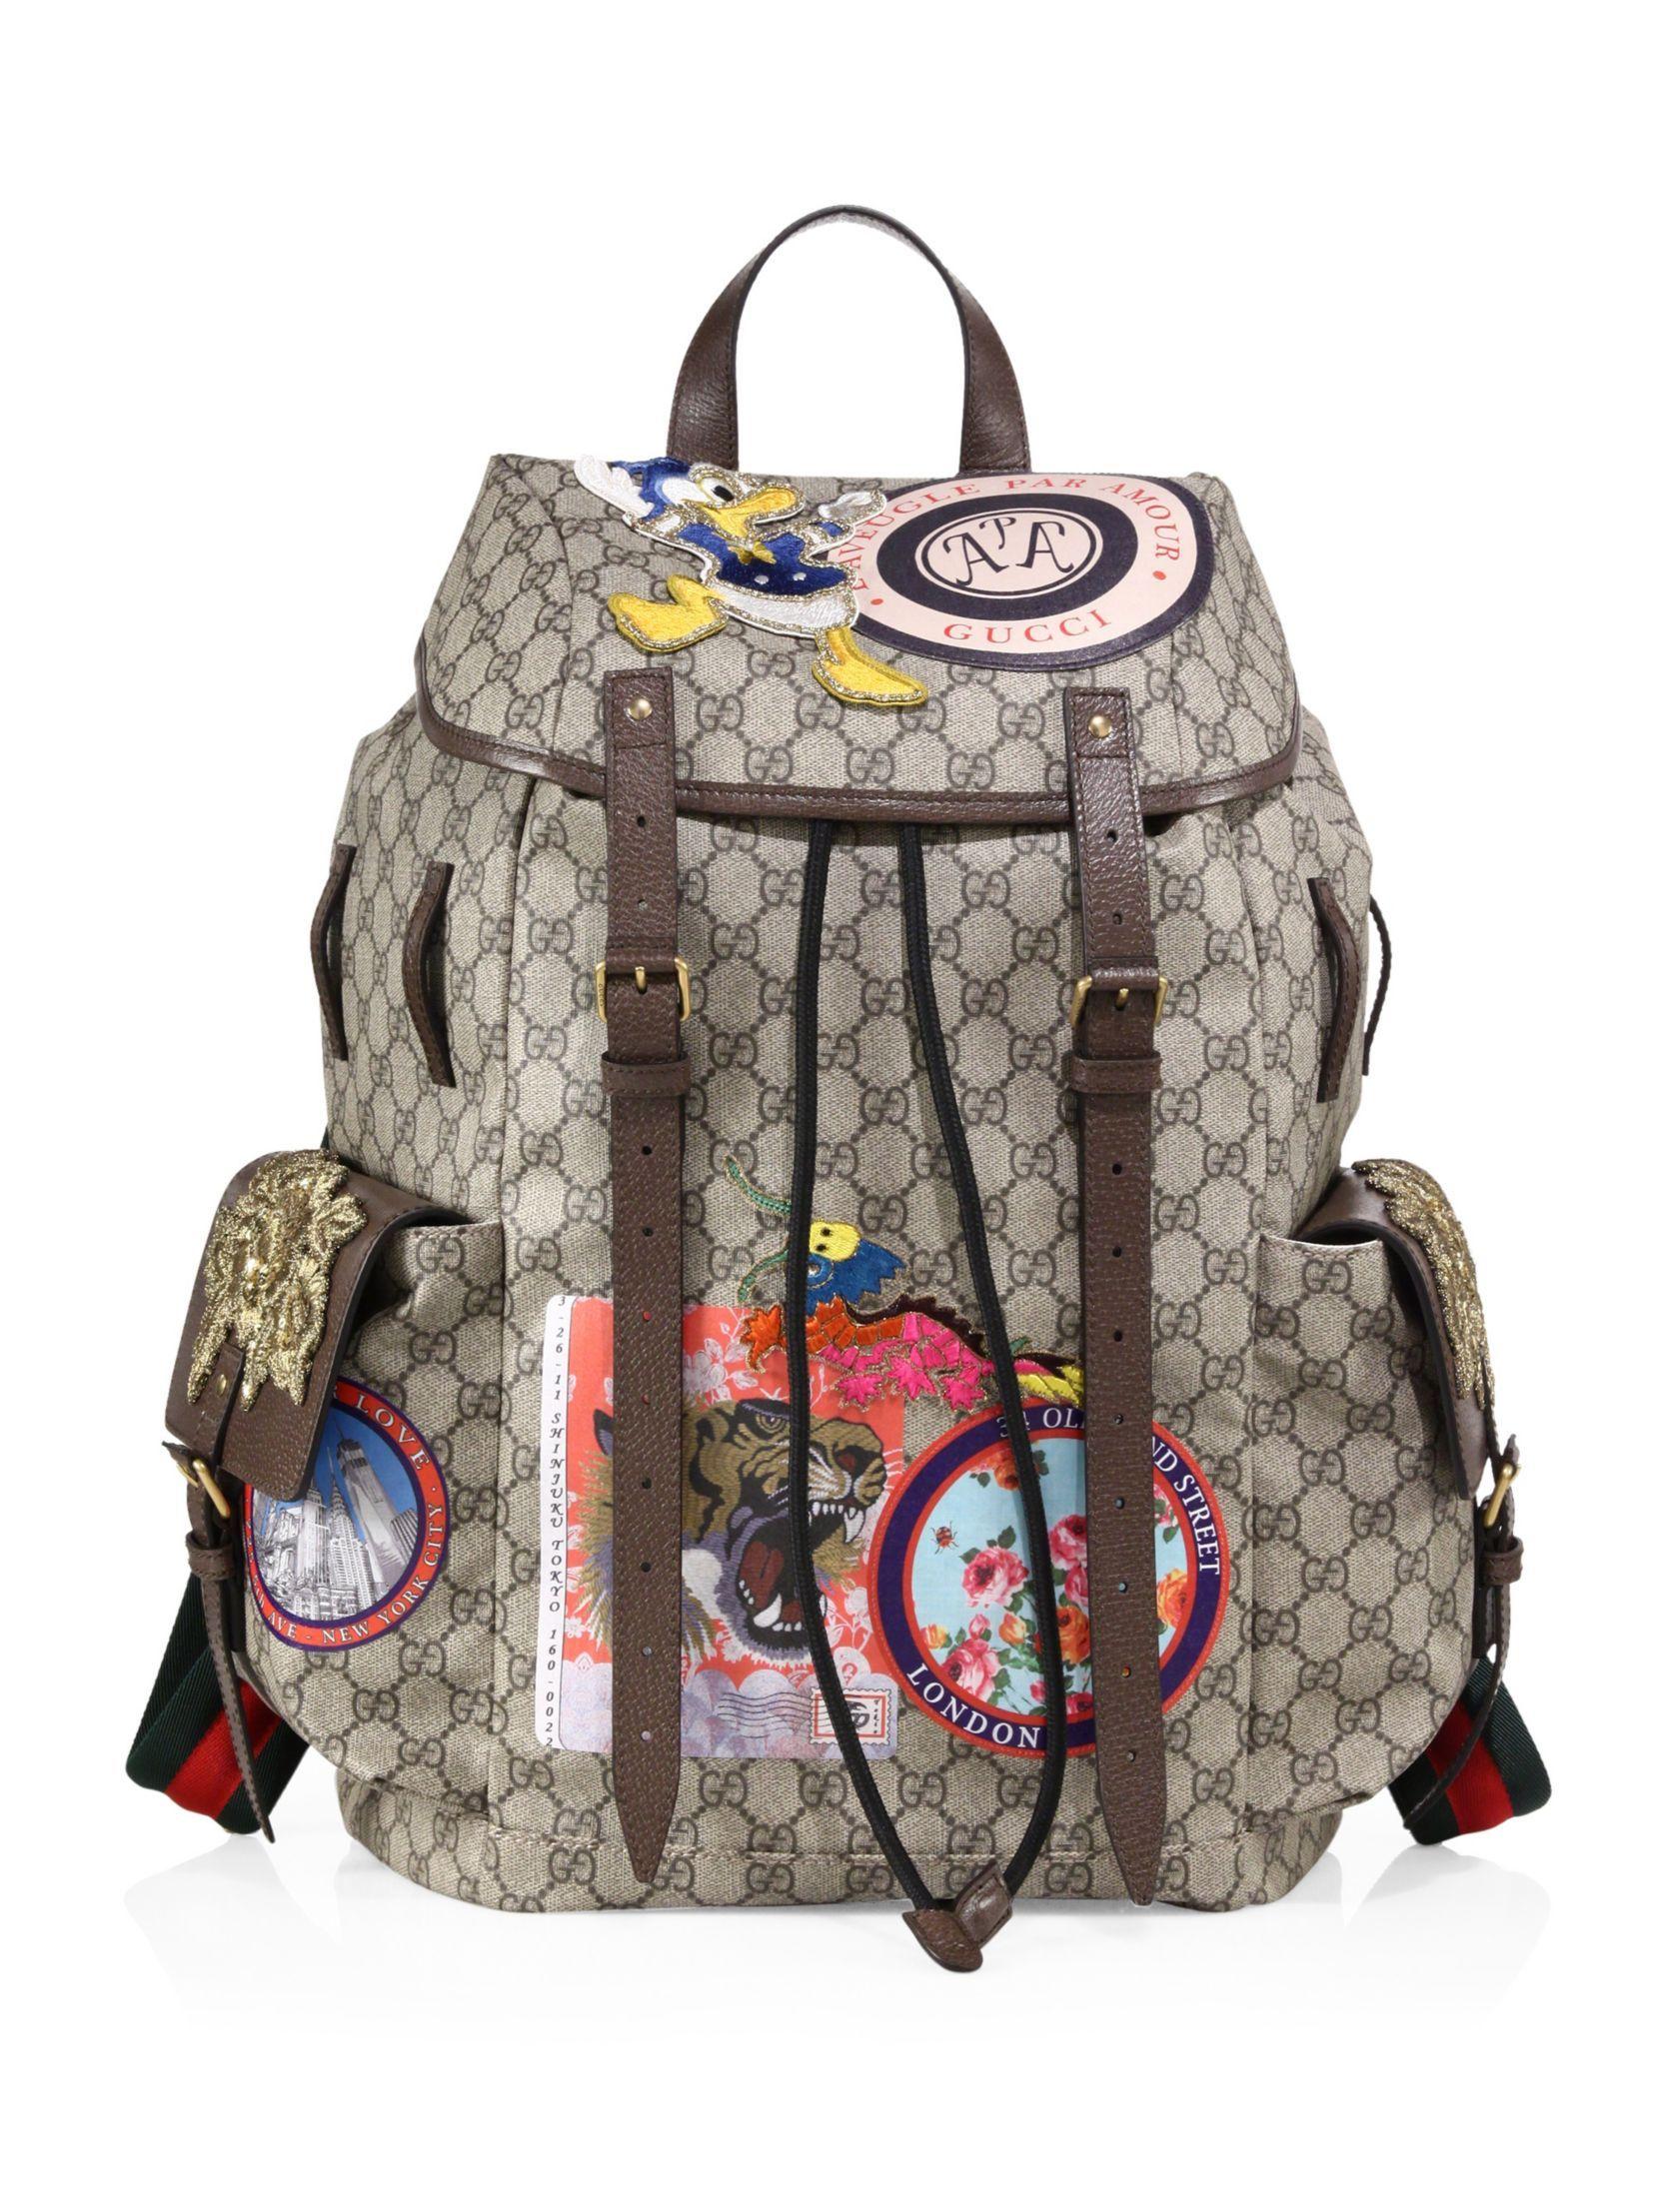 7b26b46c718d Gucci Soft GG Supreme Backpack Supreme Backpack